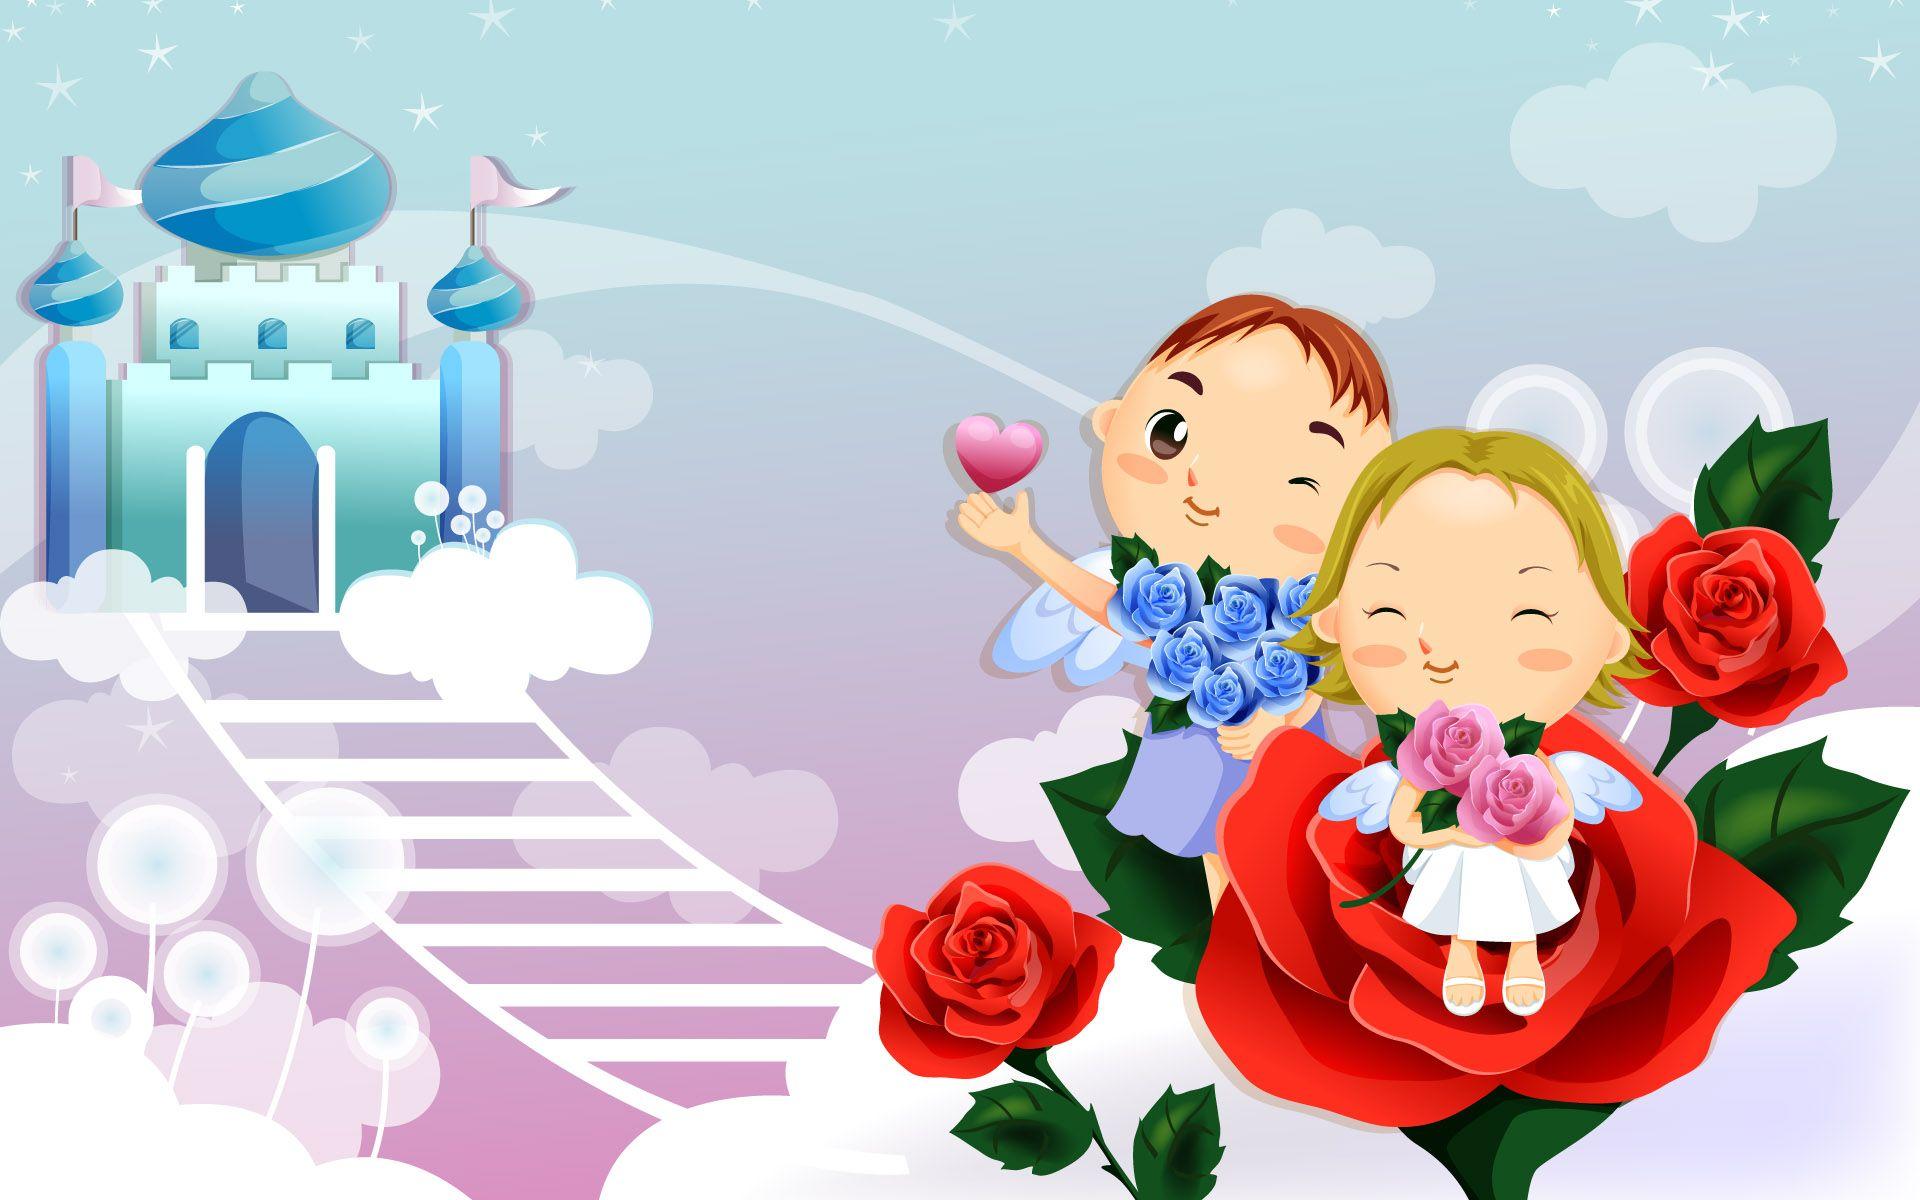 Cool Wallpaper I Love You Cartoon - b946105eb3ca3a8a1d8410012add5b0f  Pic_113615   .jpg